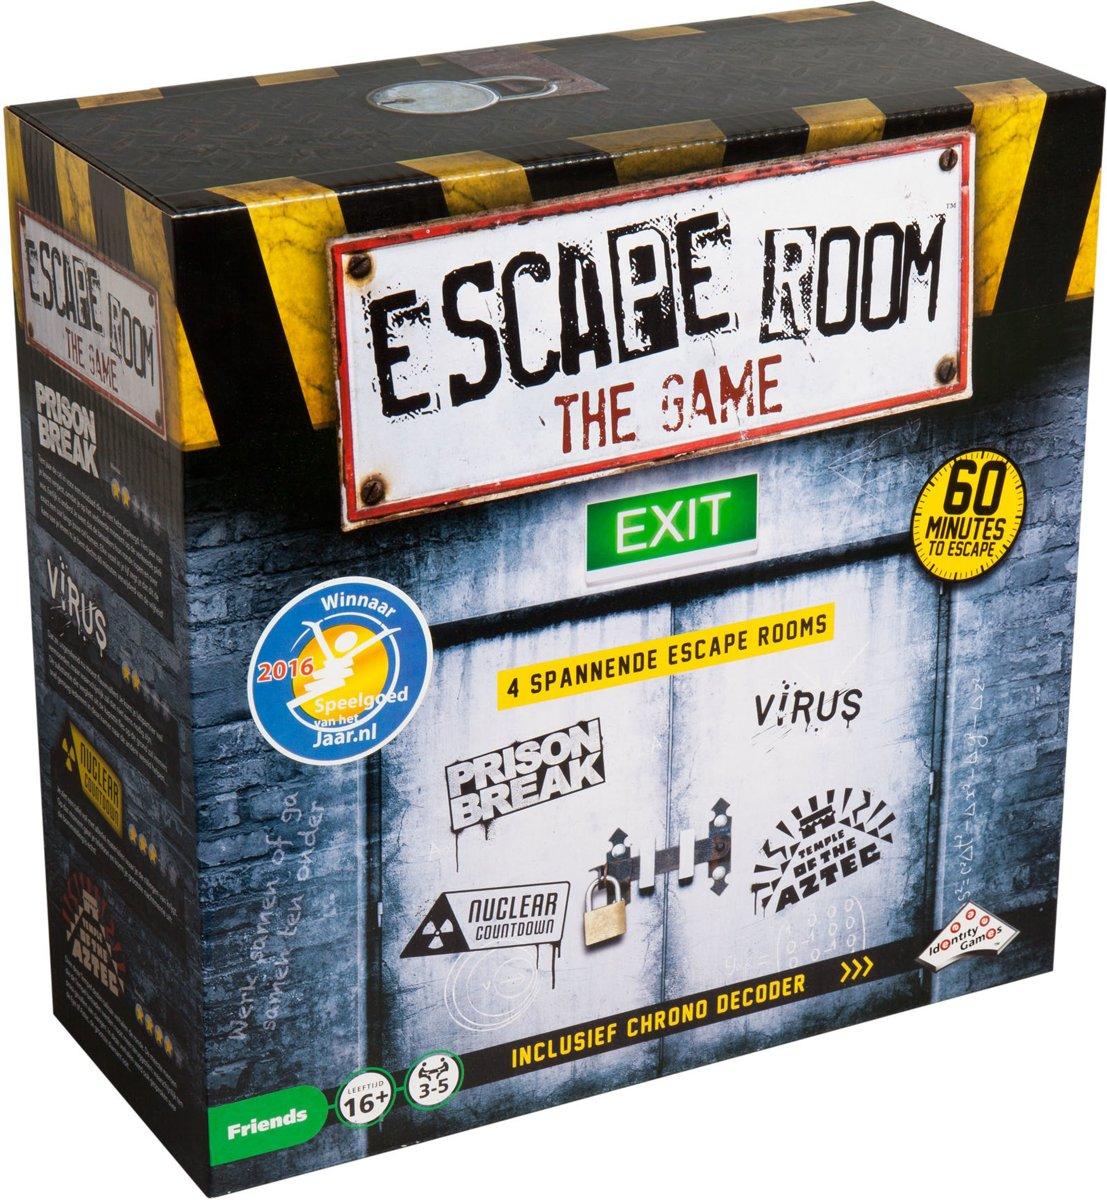 Escape Room the Game €16,80 (Blokker - lokaal) en Escape Room the Game - 2 players €2,50 (Kruidvat, landelijk)